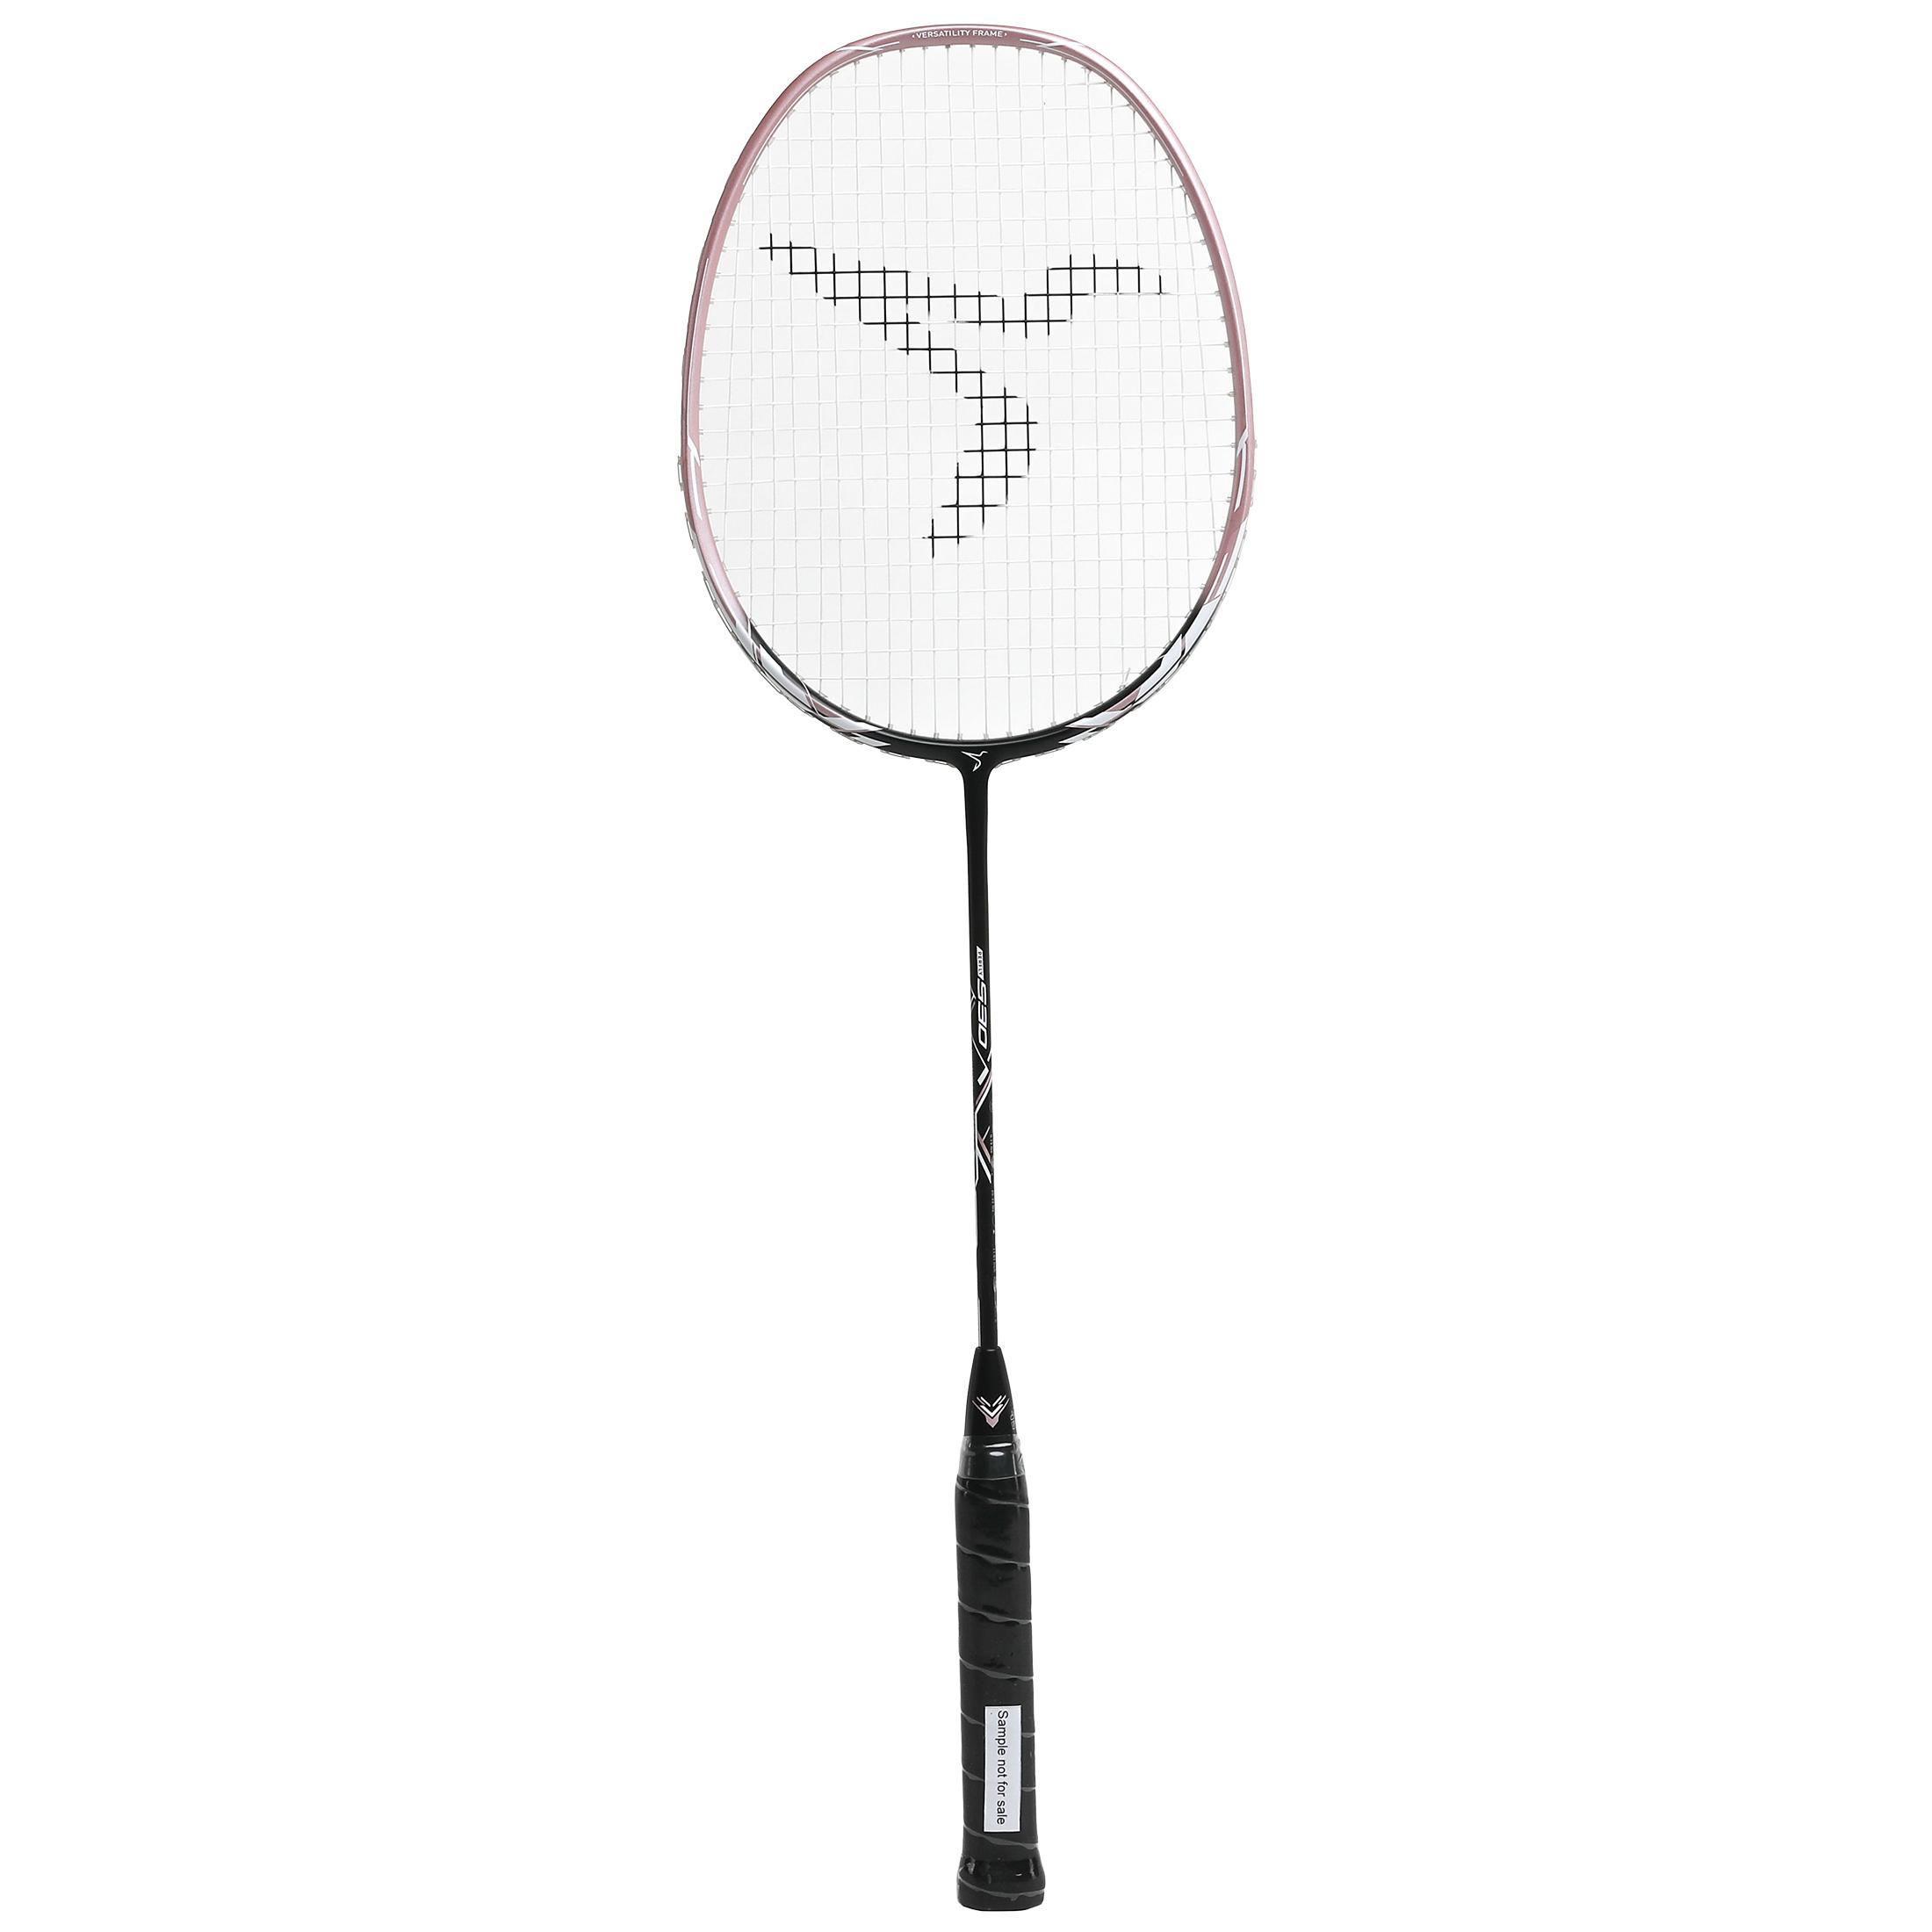 Perfly Raquette De Badminton Adulte BR 530 - Rose - Perfly